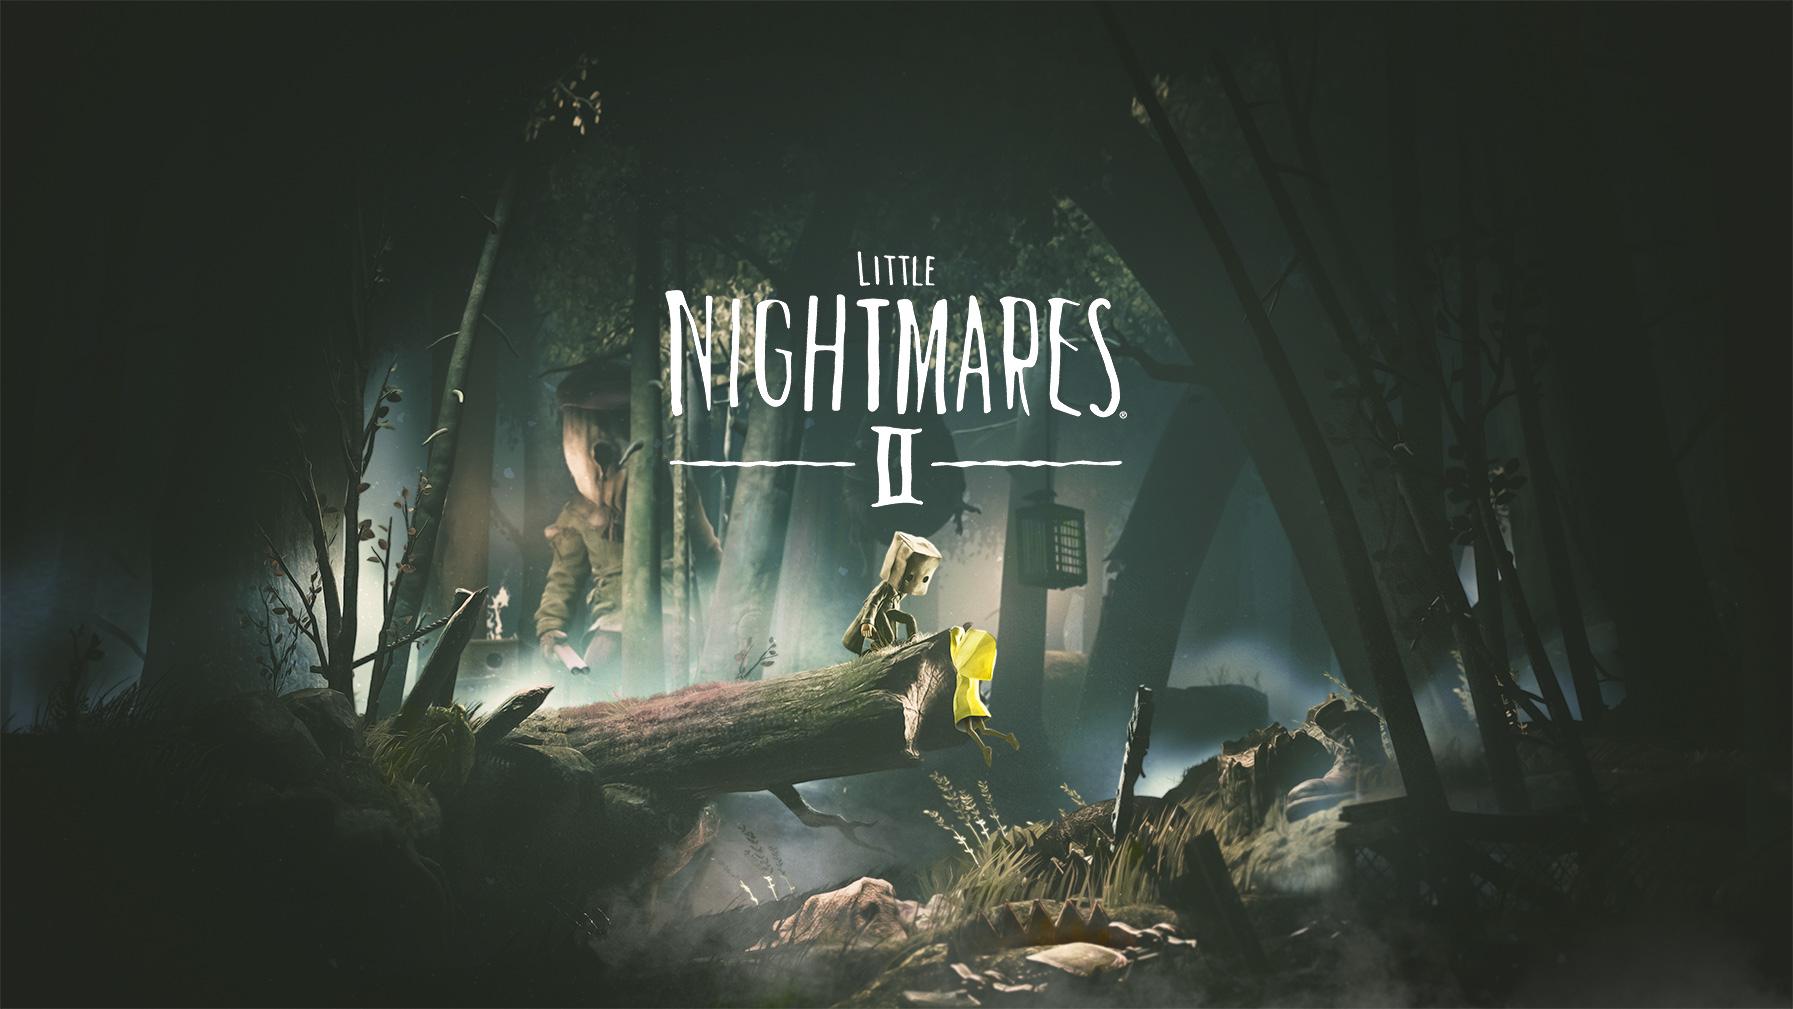 20200828 Little Nightmares II Wilderness Art Horizontal